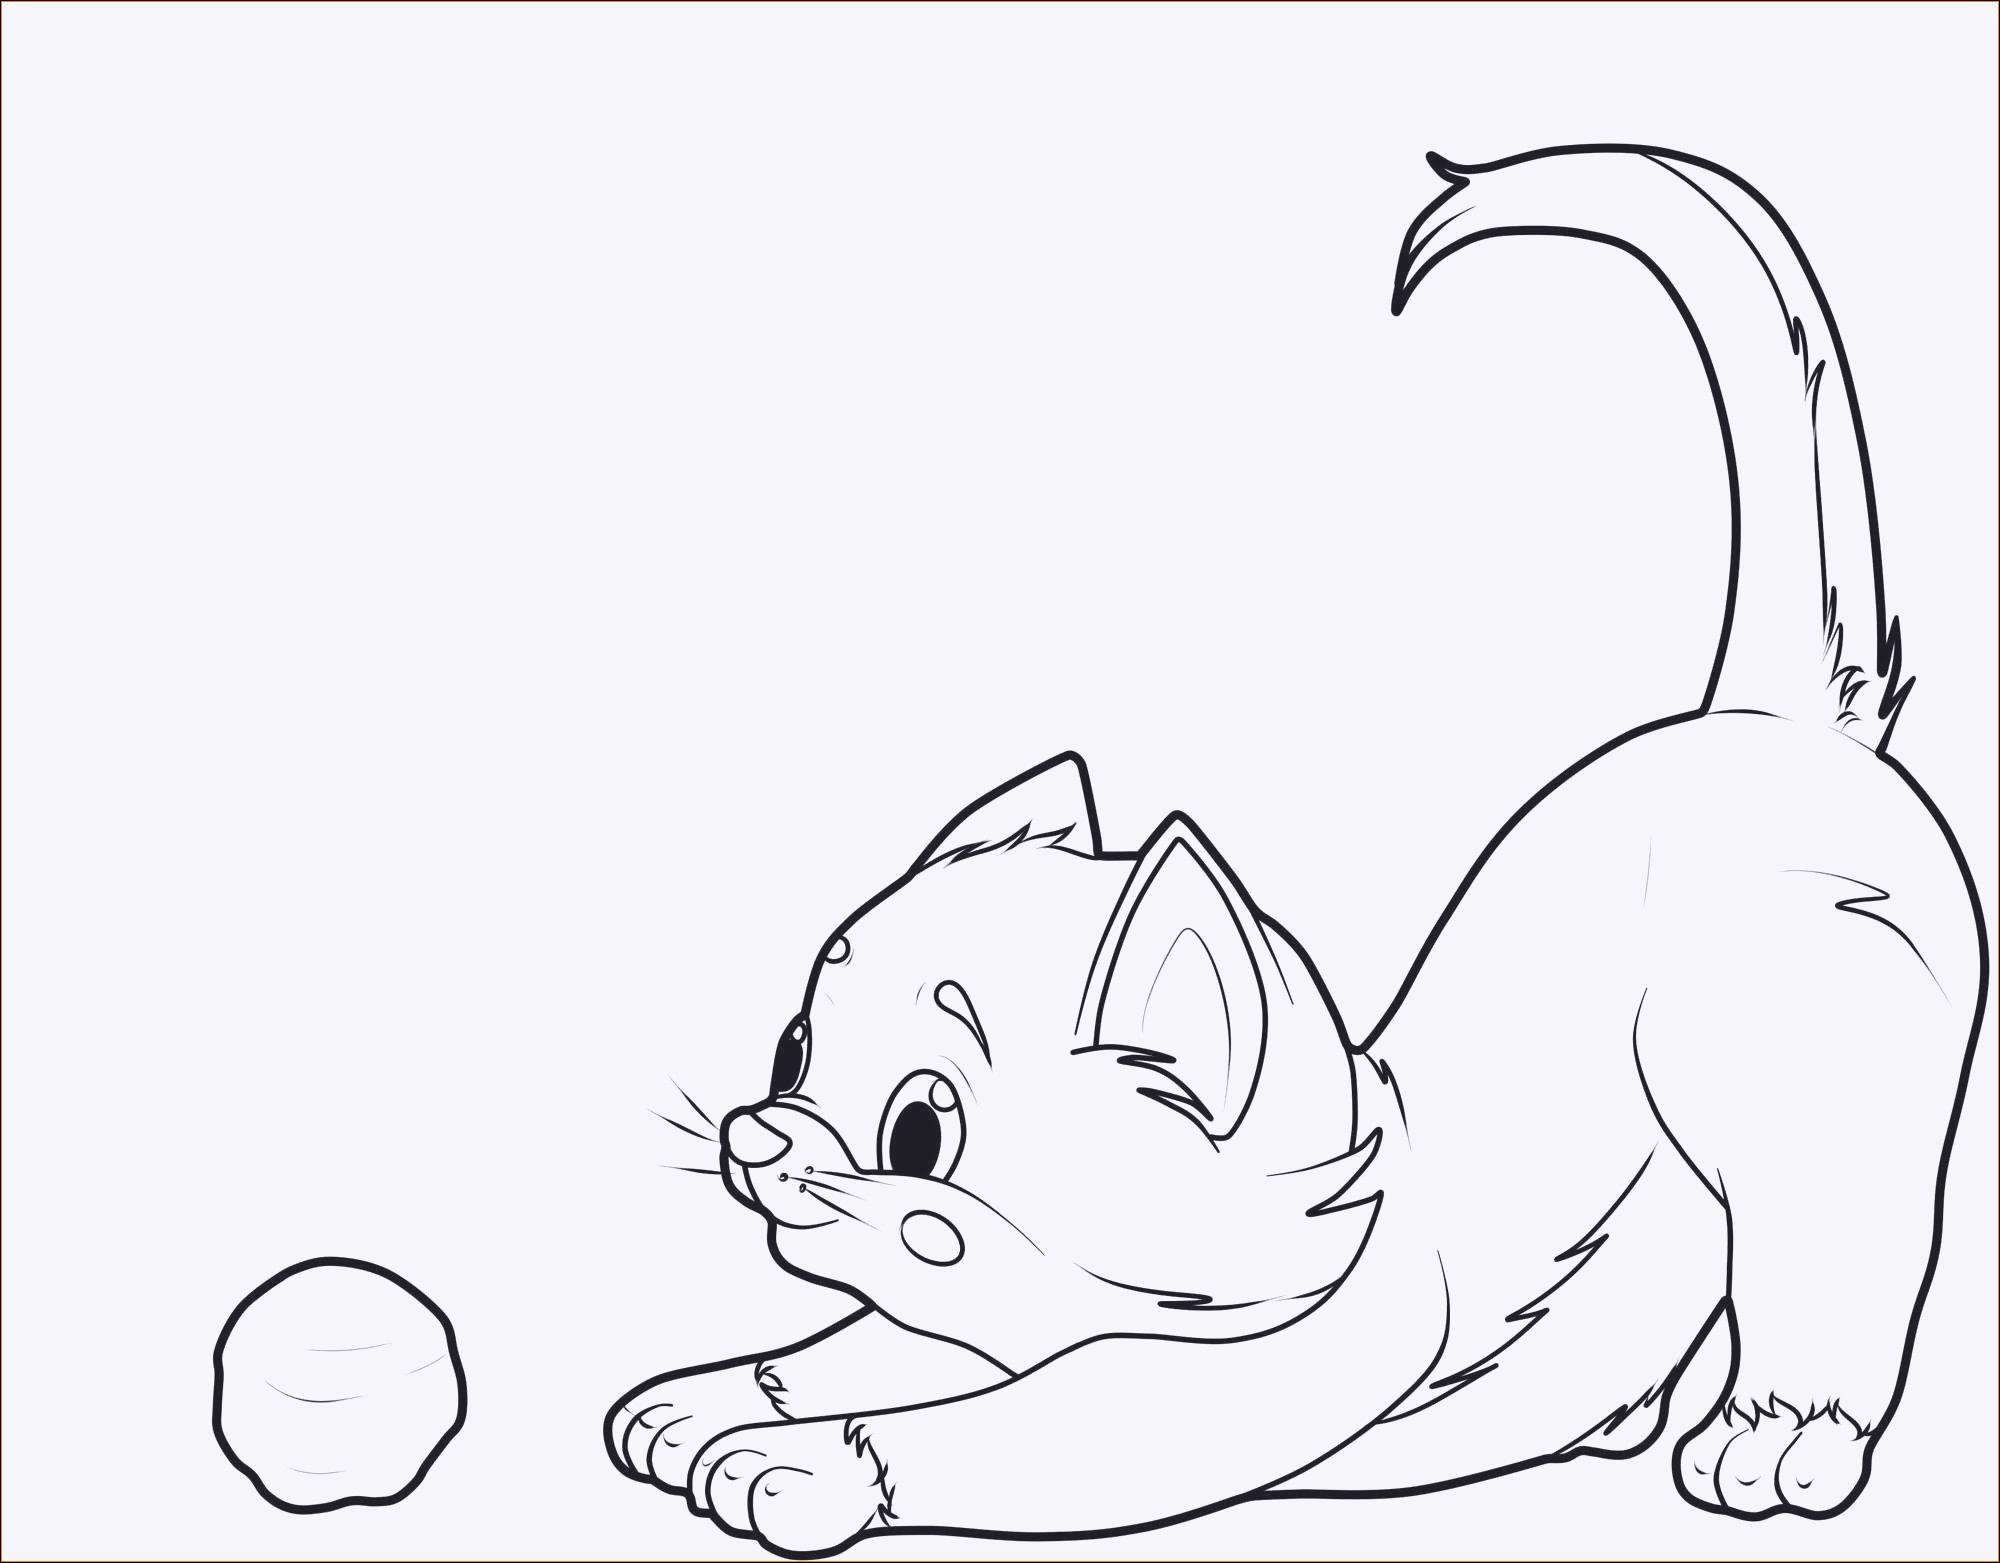 Ausmalbilder Katze Und Hund Das Beste Von Ausmalbilder Kostenlos Katzen Das Bild